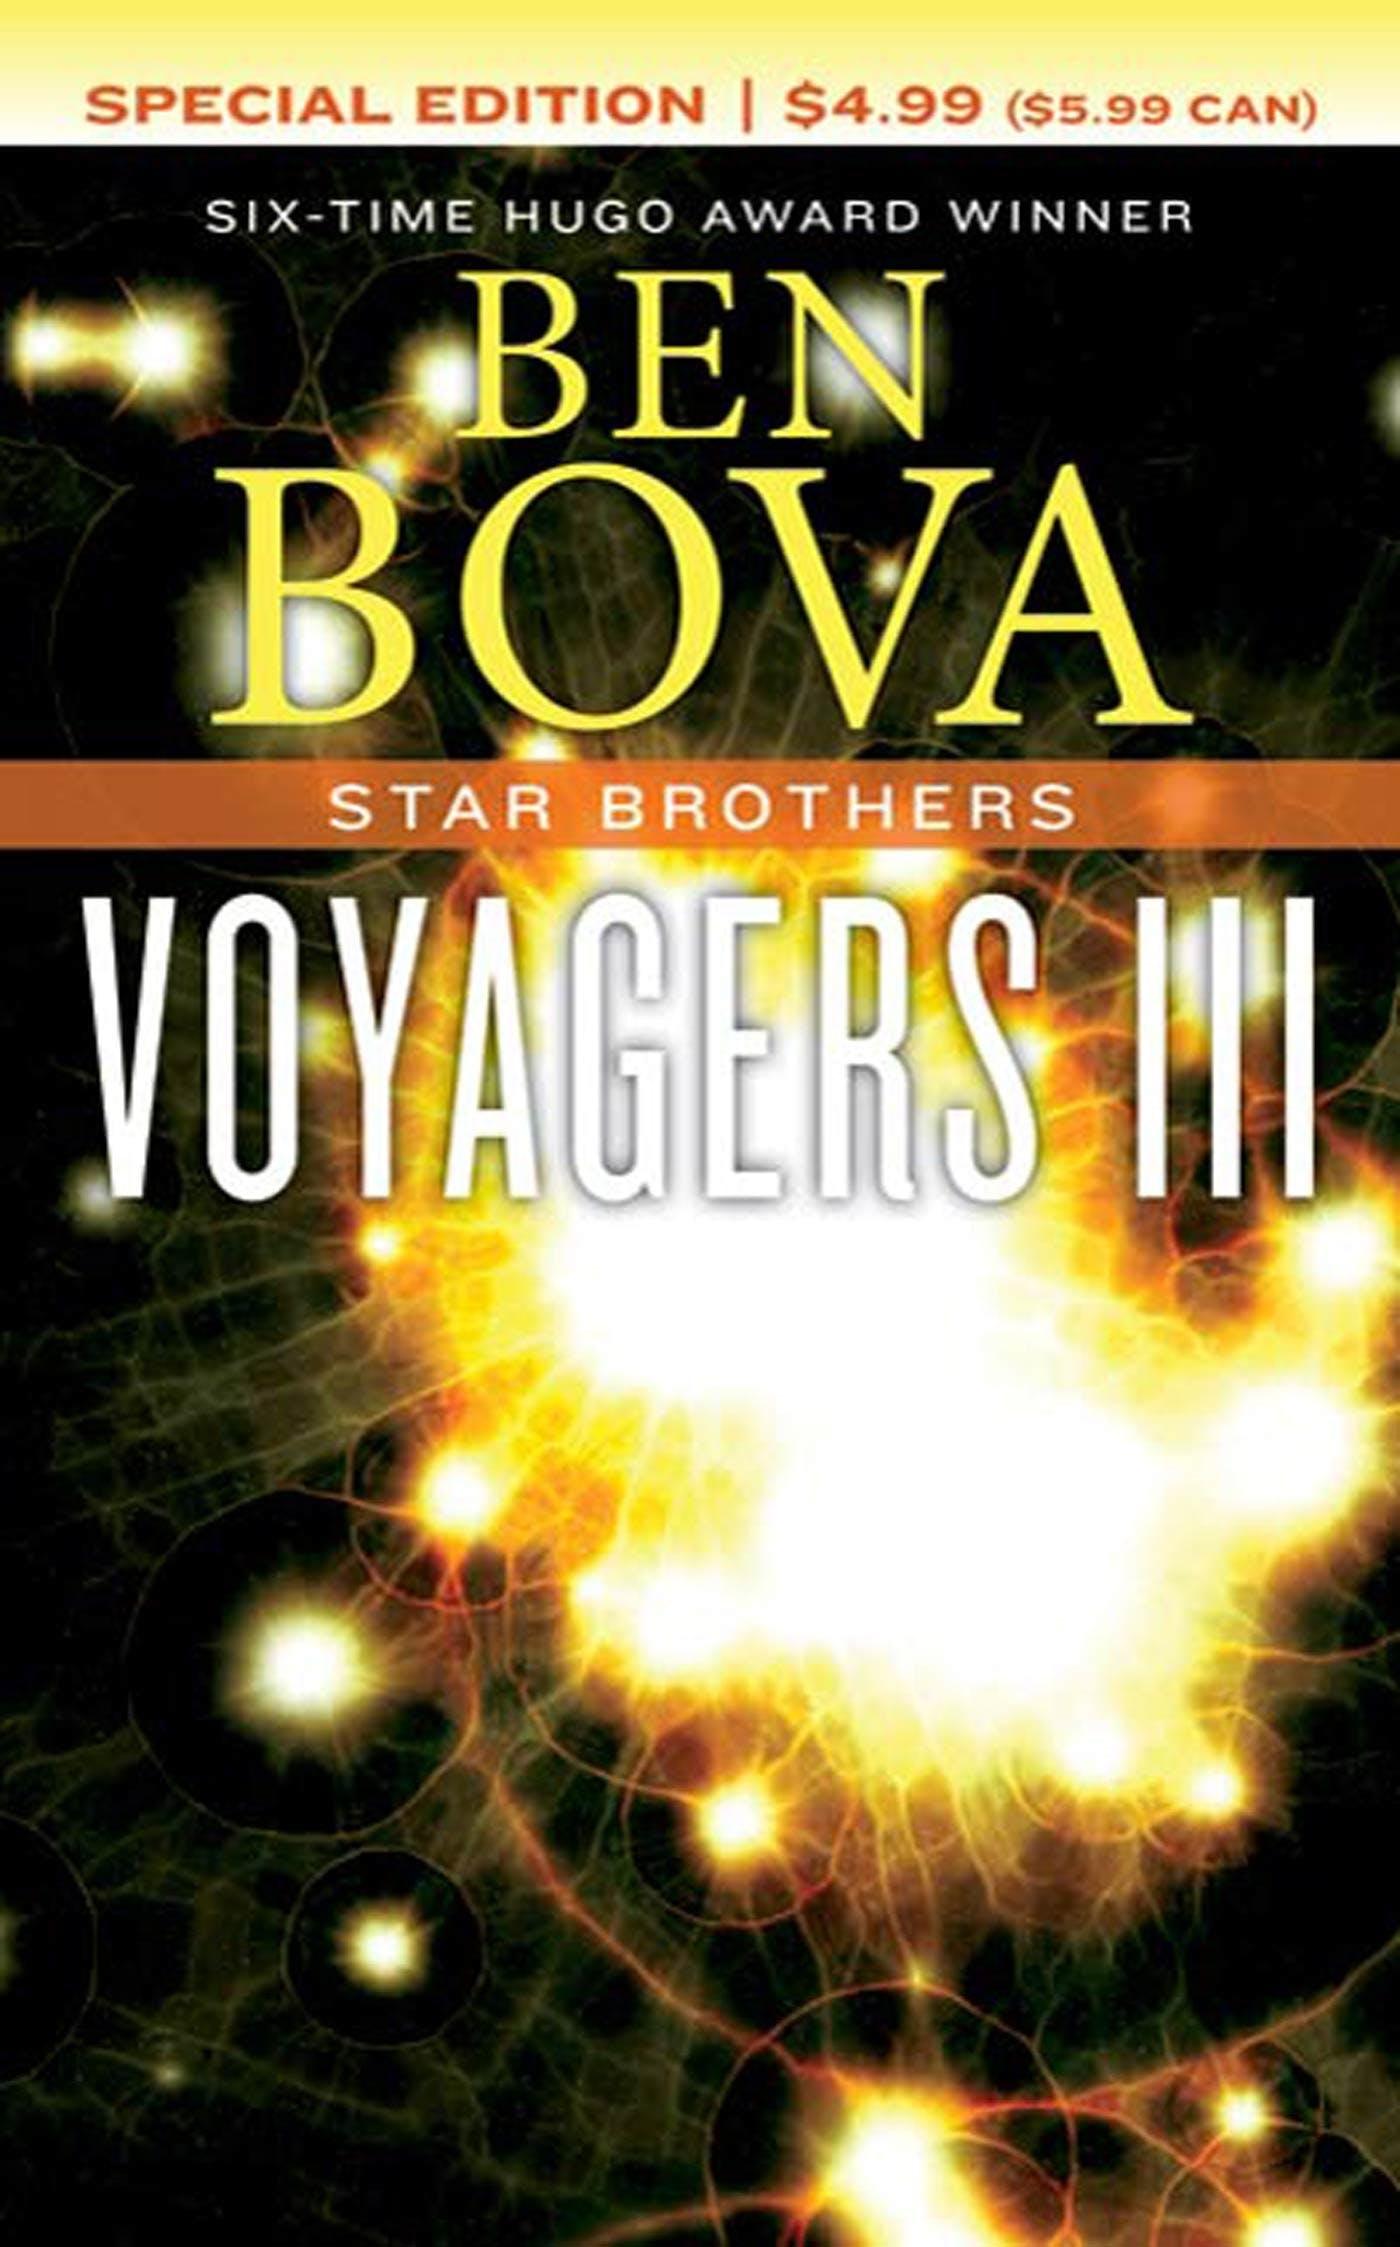 Image of Voyagers III